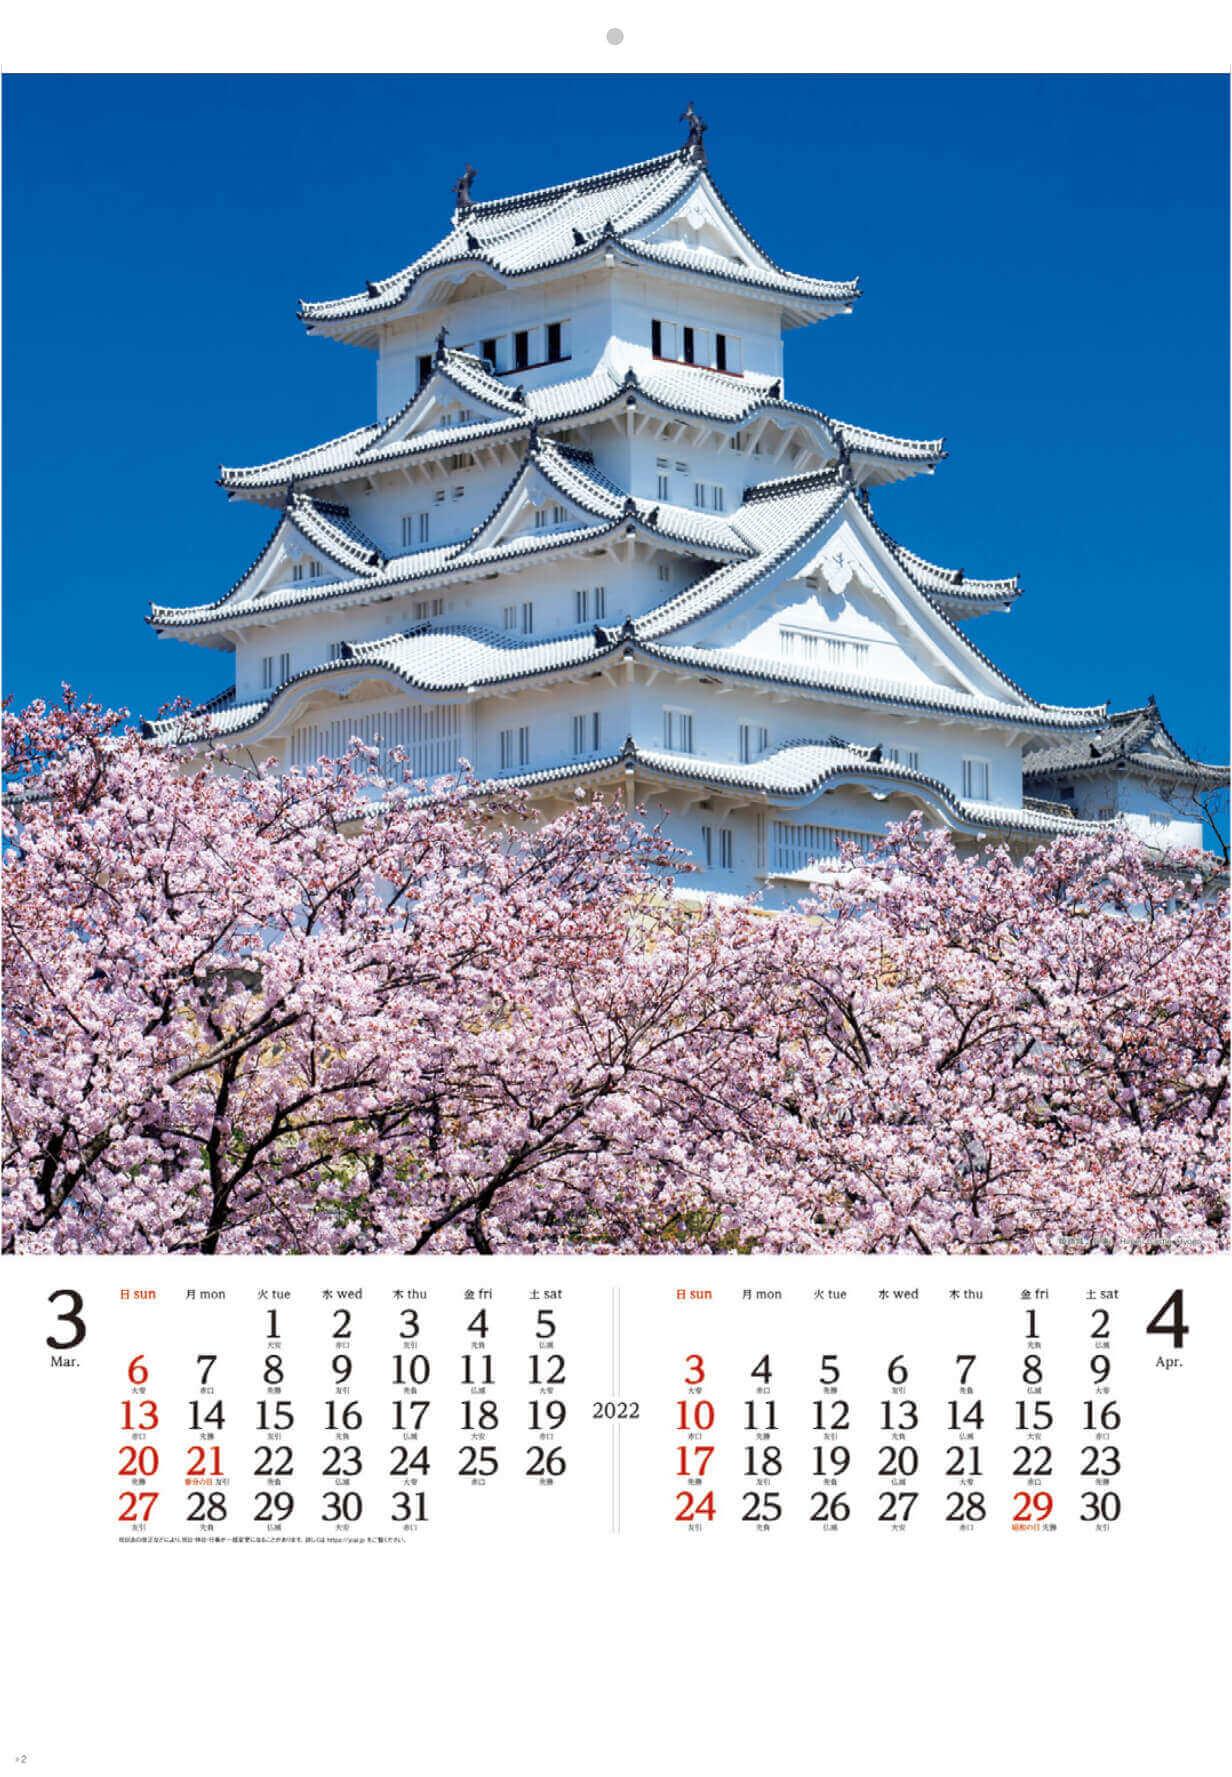 3-4月 姫路城(兵庫) 日本の名城 2022年カレンダーの画像